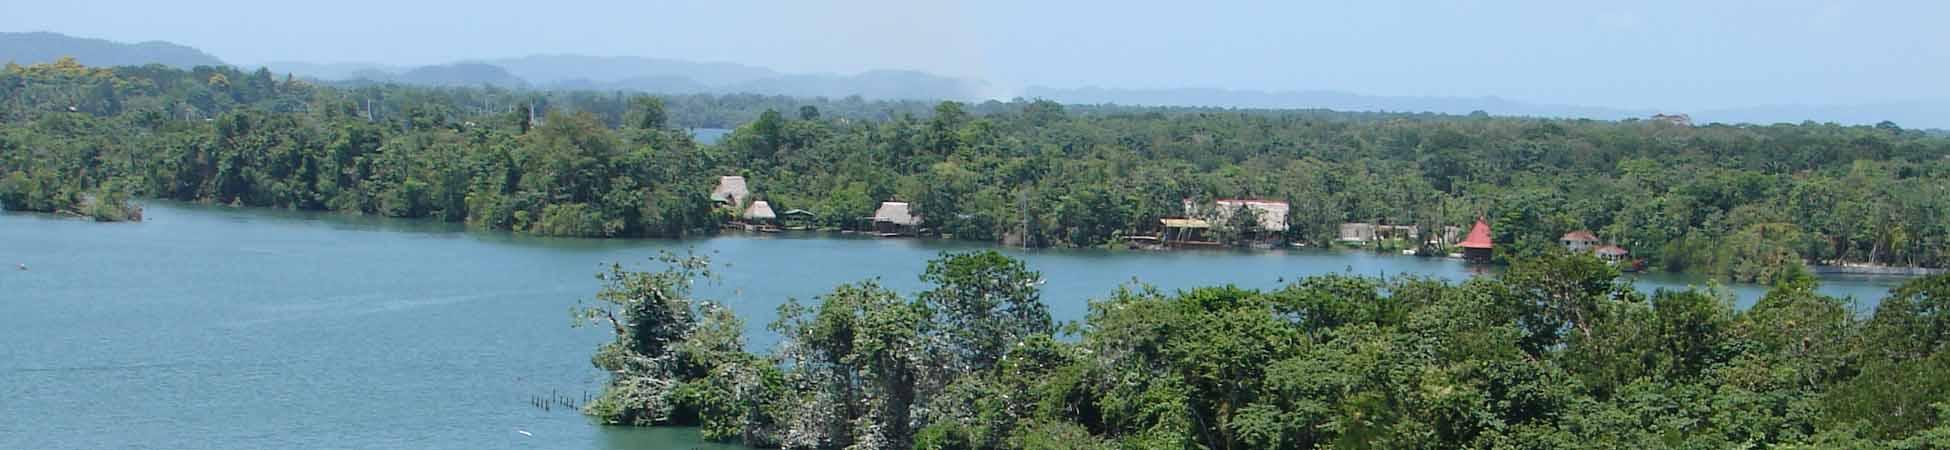 Copan Mayastätte